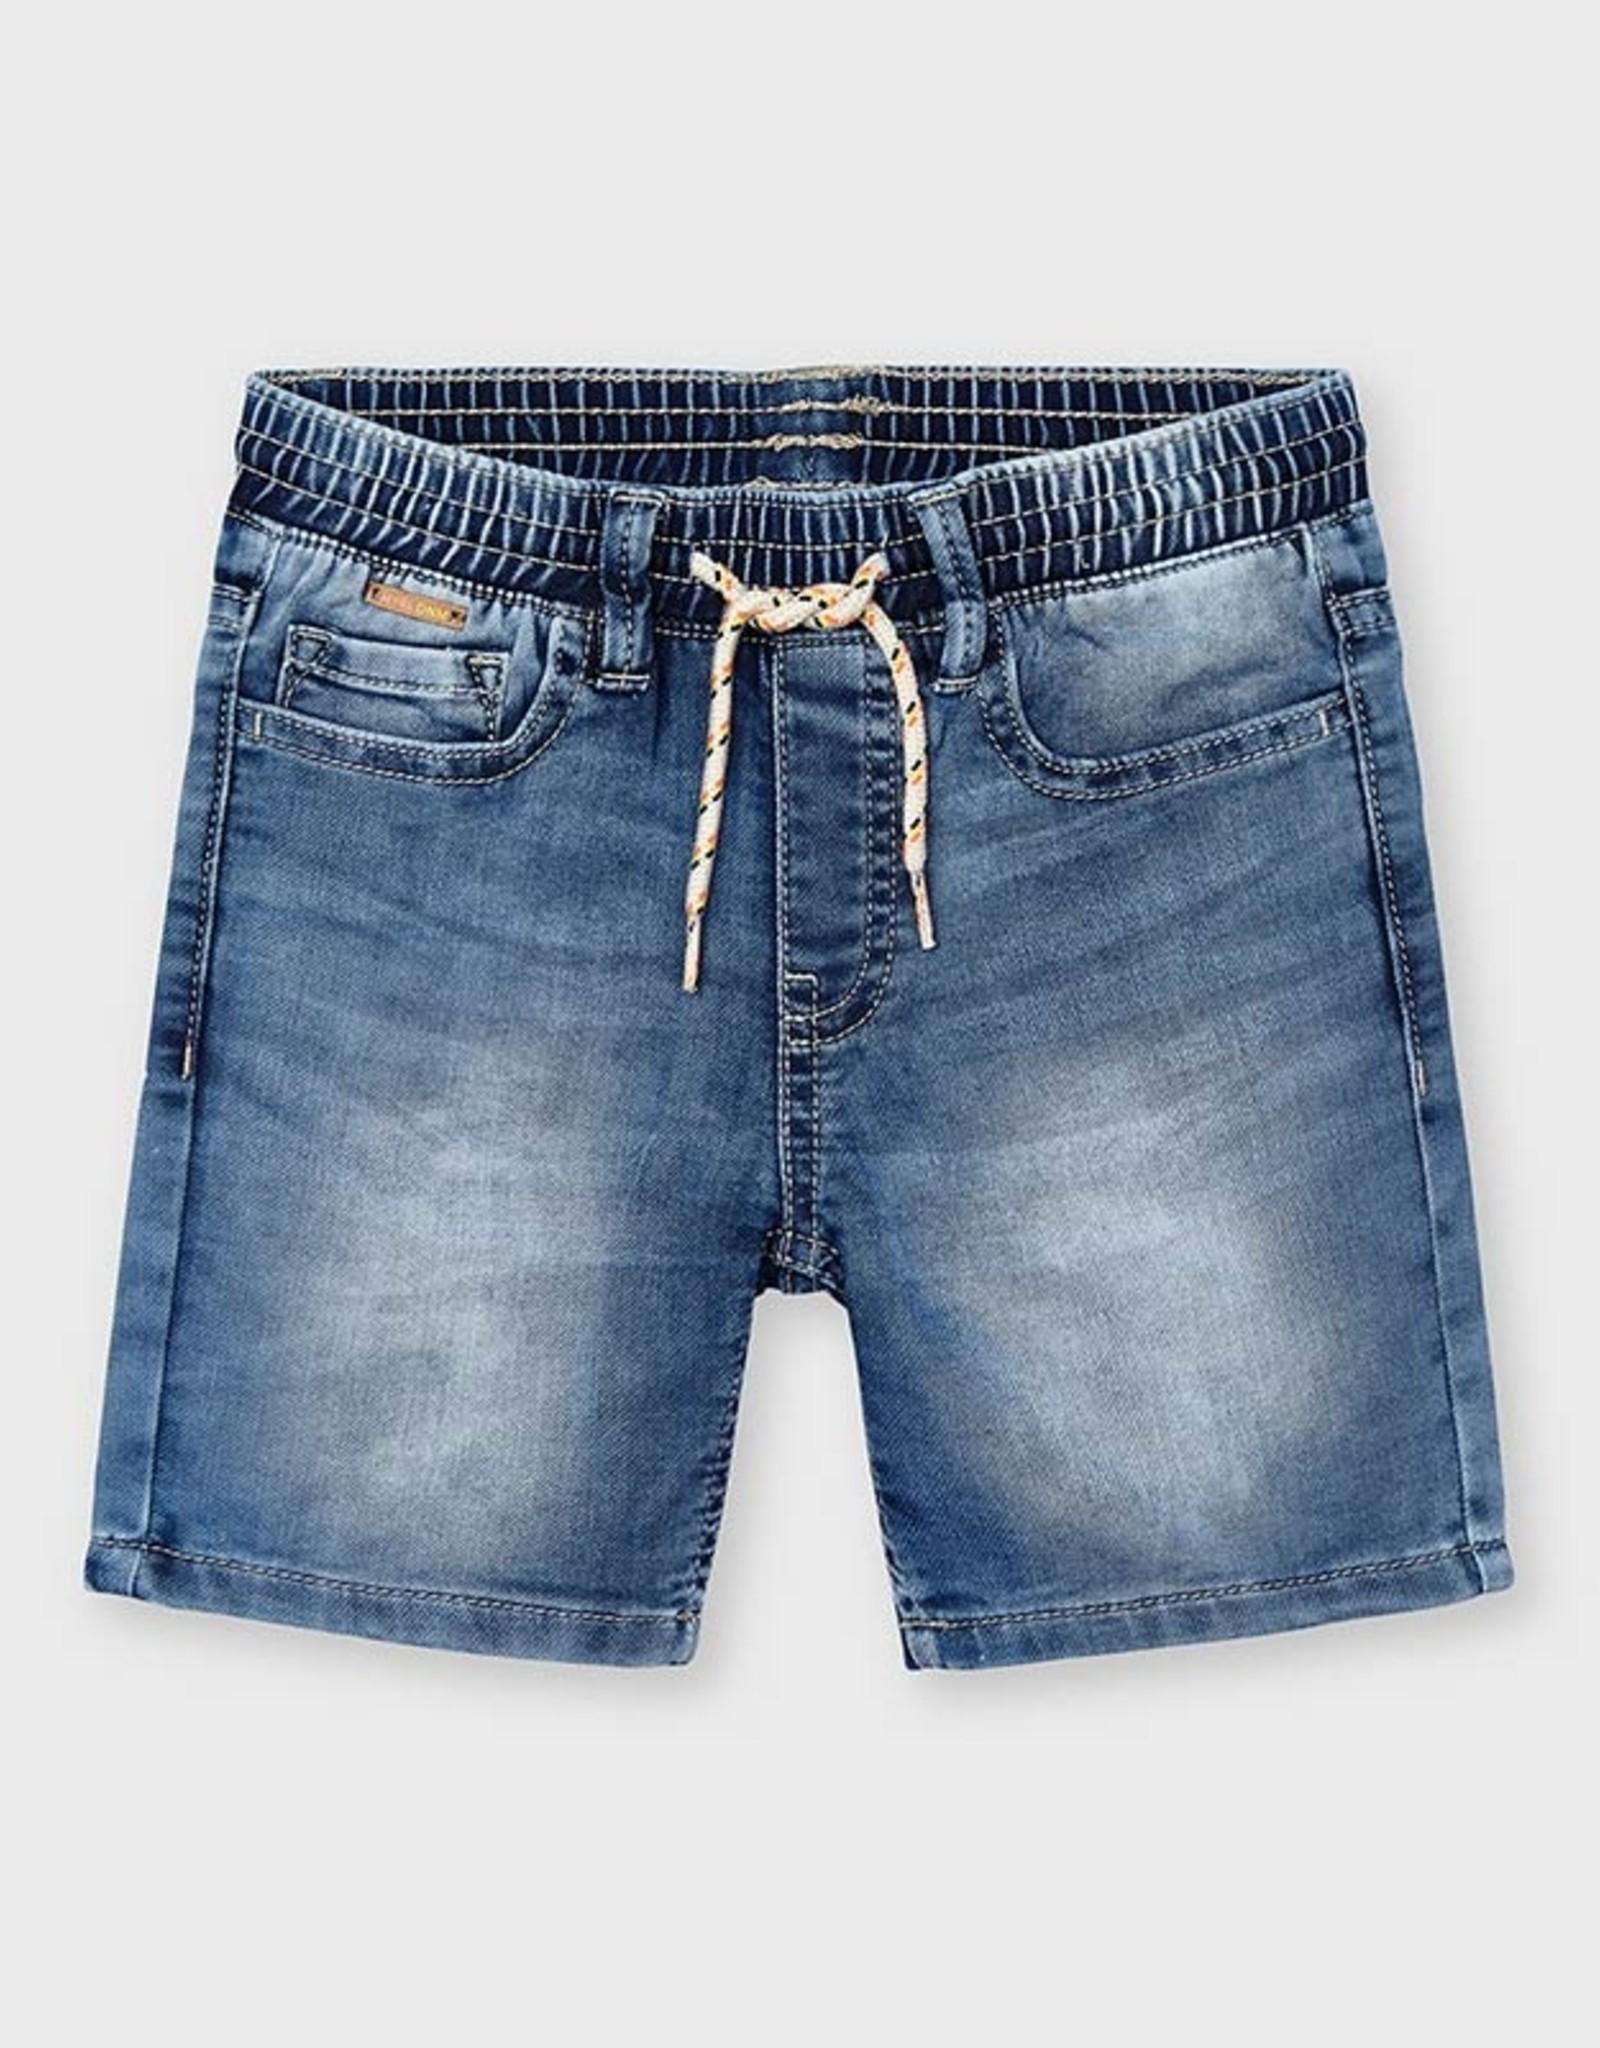 Mayoral SP21 B Soft Denim Bermuda Shorts